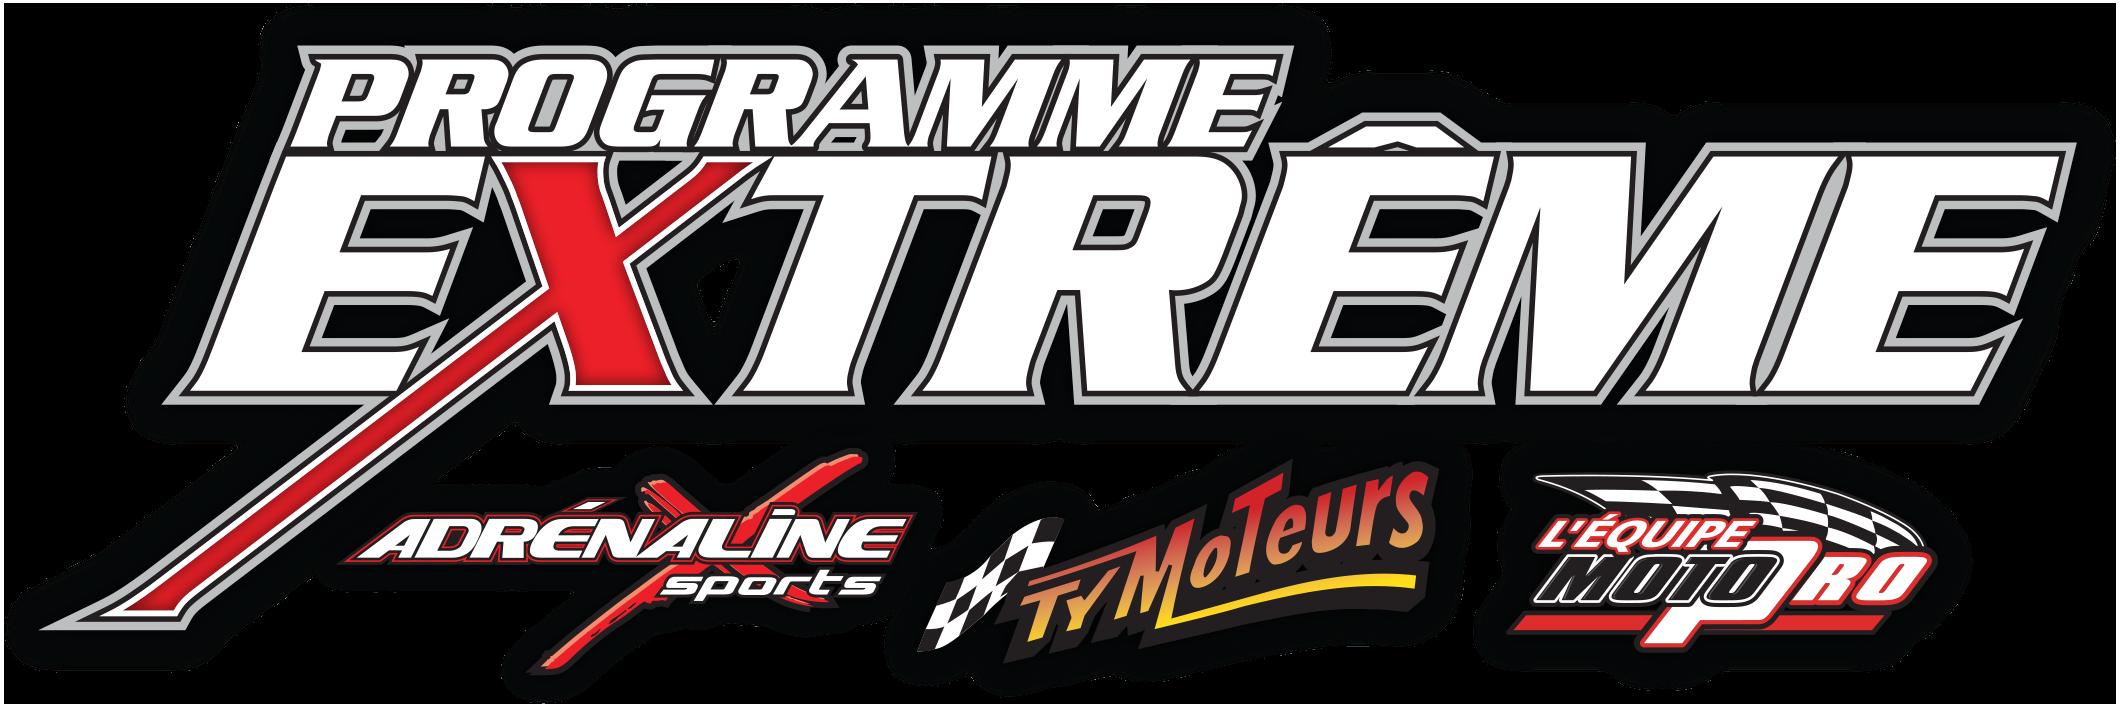 Adrénaline Sports - Ty Moteurs - MotoPro